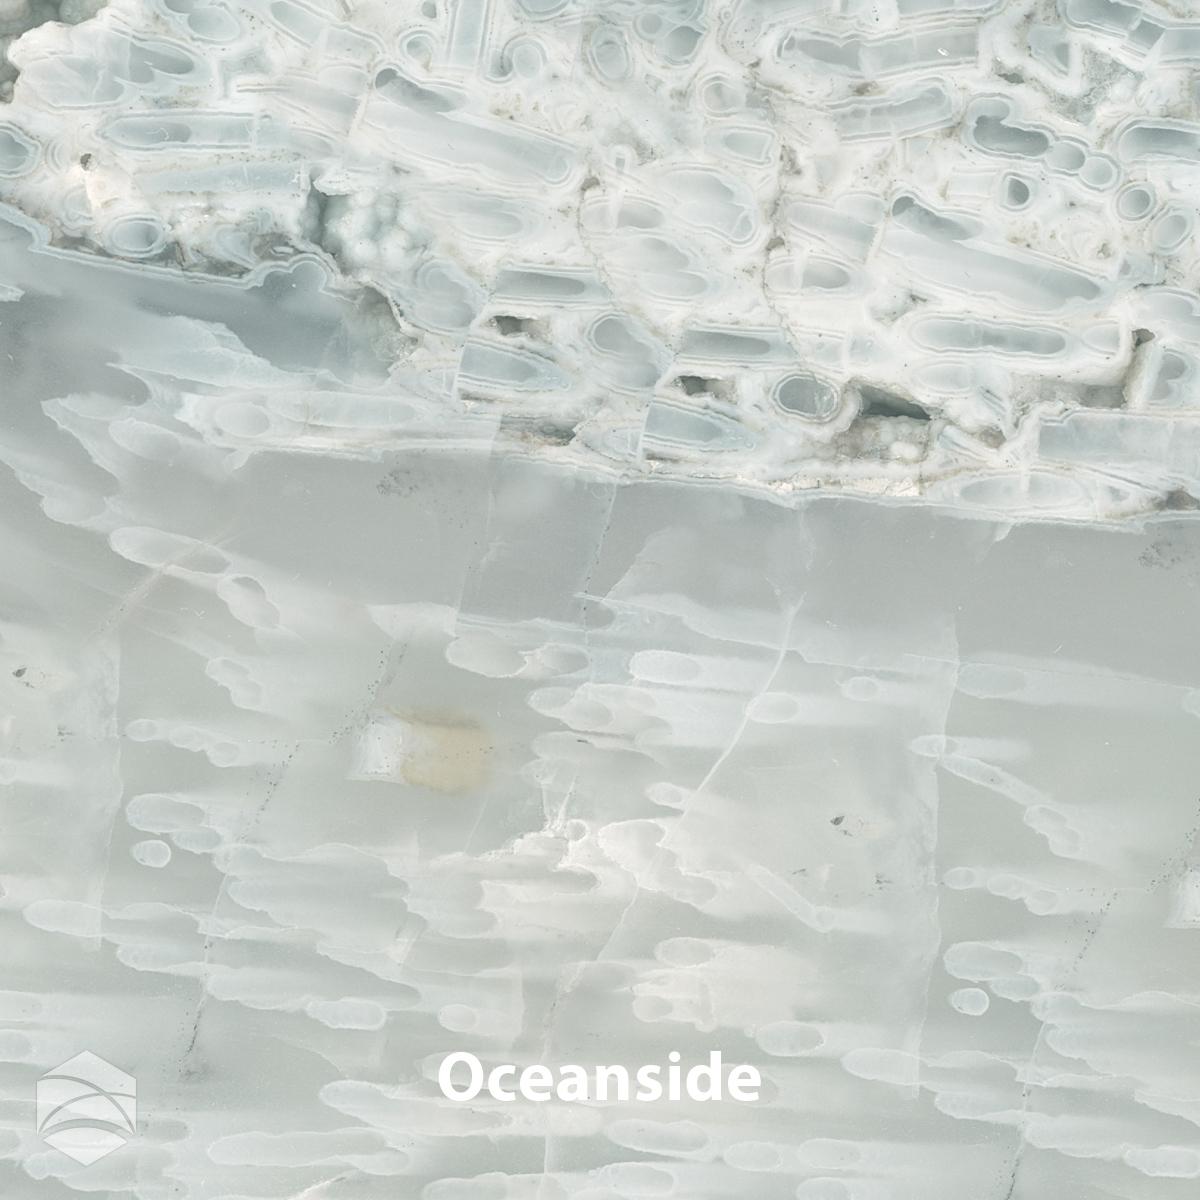 Oceanside_V2_12x12.jpg